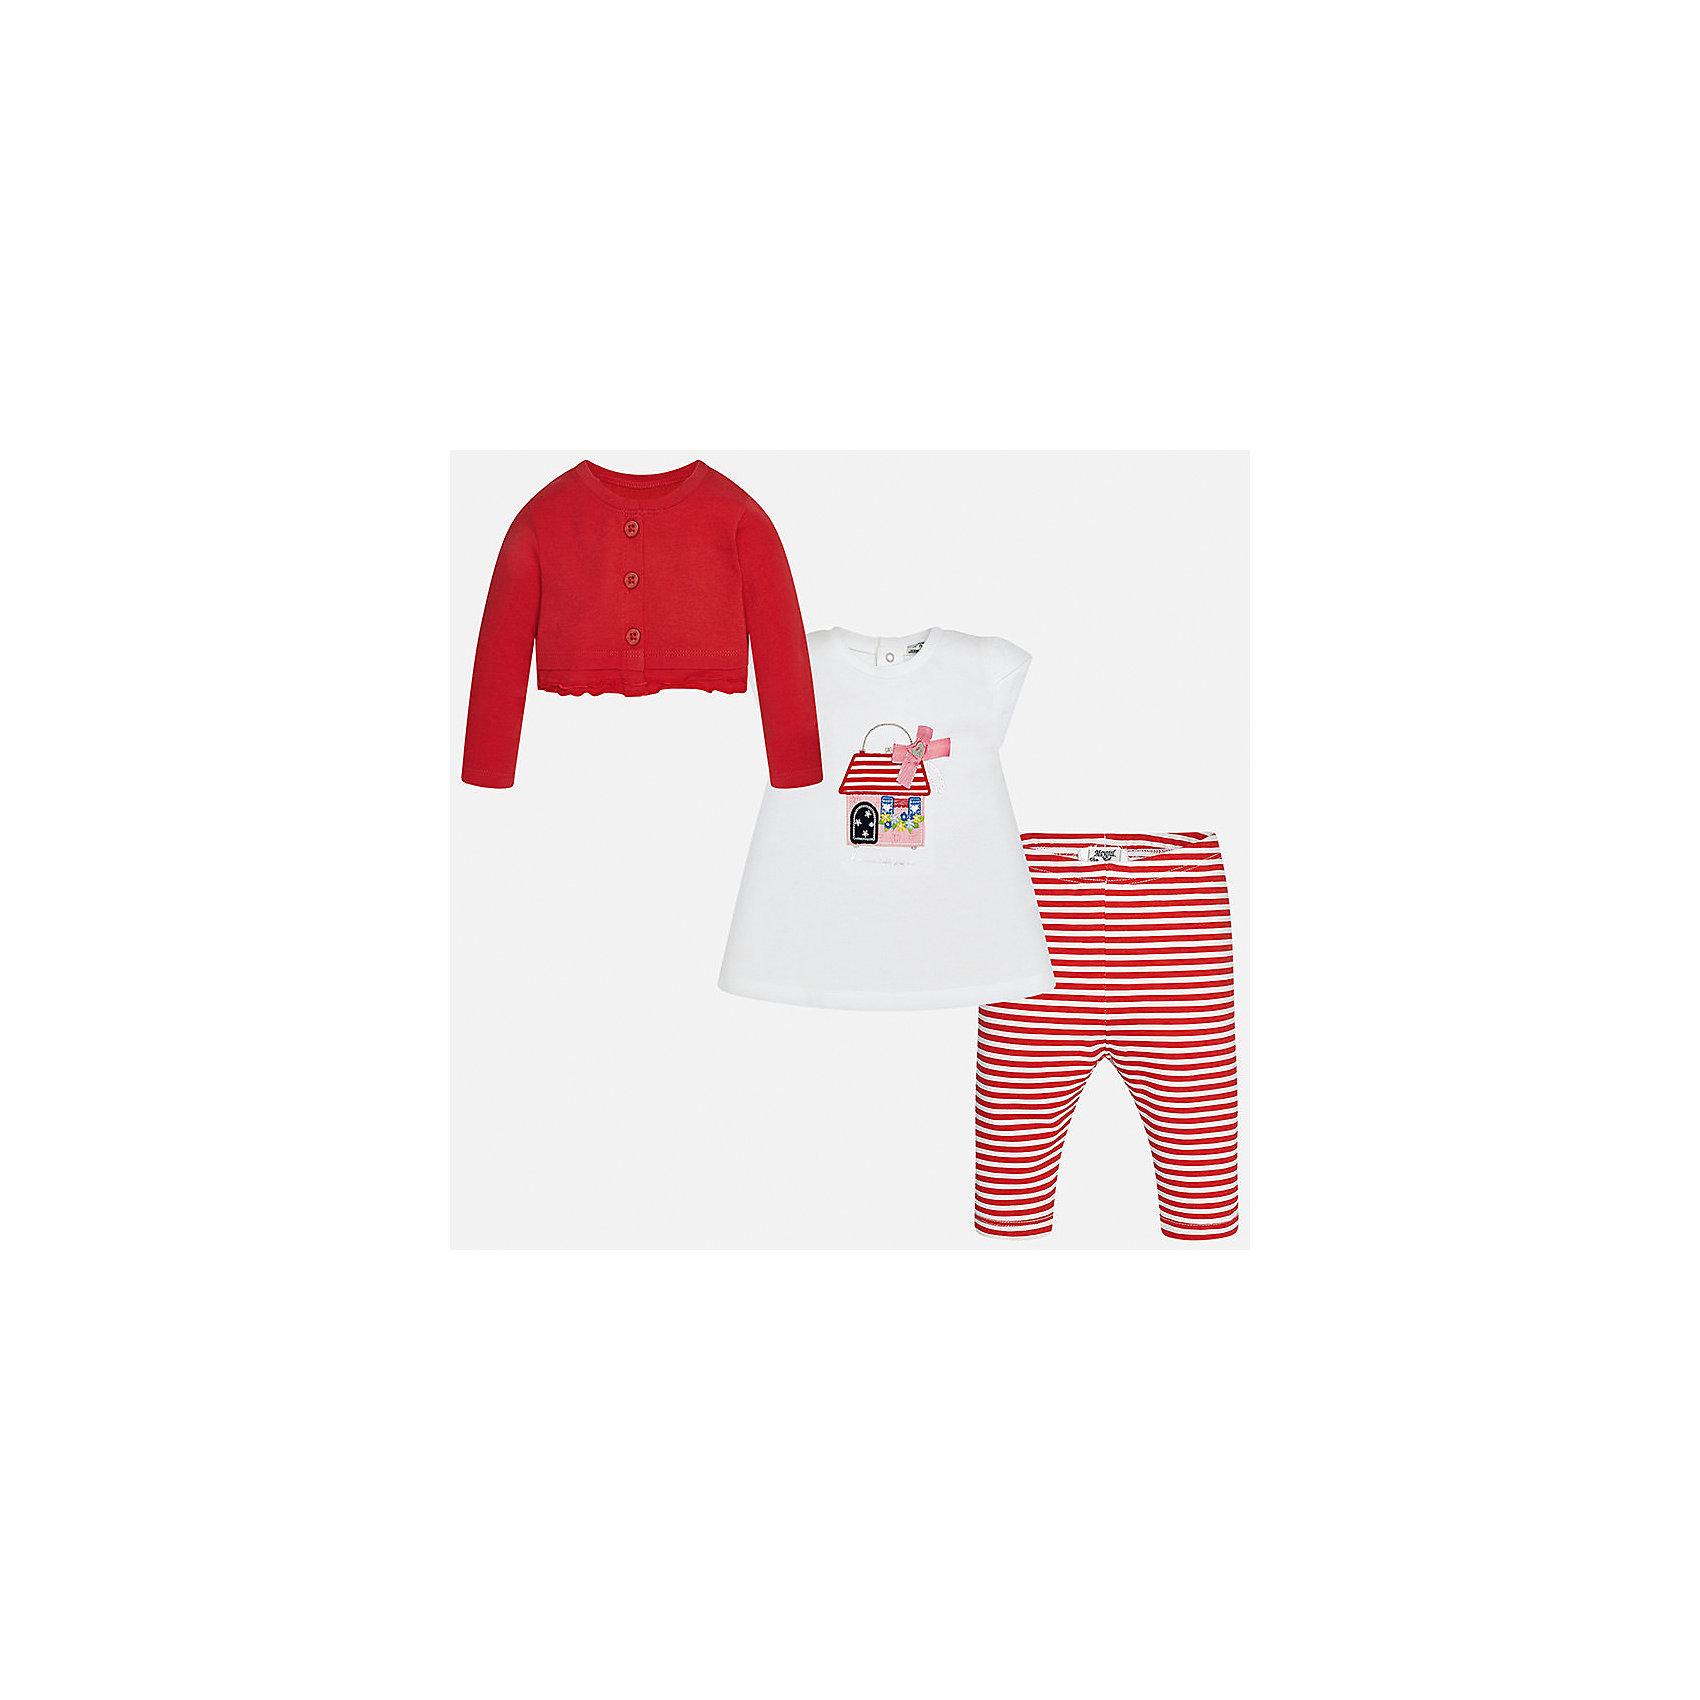 Комплект: футбола с длинным рукавом и леггинсы для девочки MayoralКомплекты<br>Комплект: футбола с длинным рукавом и леггинсы для девочки от известной испанской марки Mayoral.<br><br>Ширина мм: 123<br>Глубина мм: 10<br>Высота мм: 149<br>Вес г: 209<br>Цвет: красный<br>Возраст от месяцев: 6<br>Возраст до месяцев: 9<br>Пол: Женский<br>Возраст: Детский<br>Размер: 74,92,86,80<br>SKU: 5289097